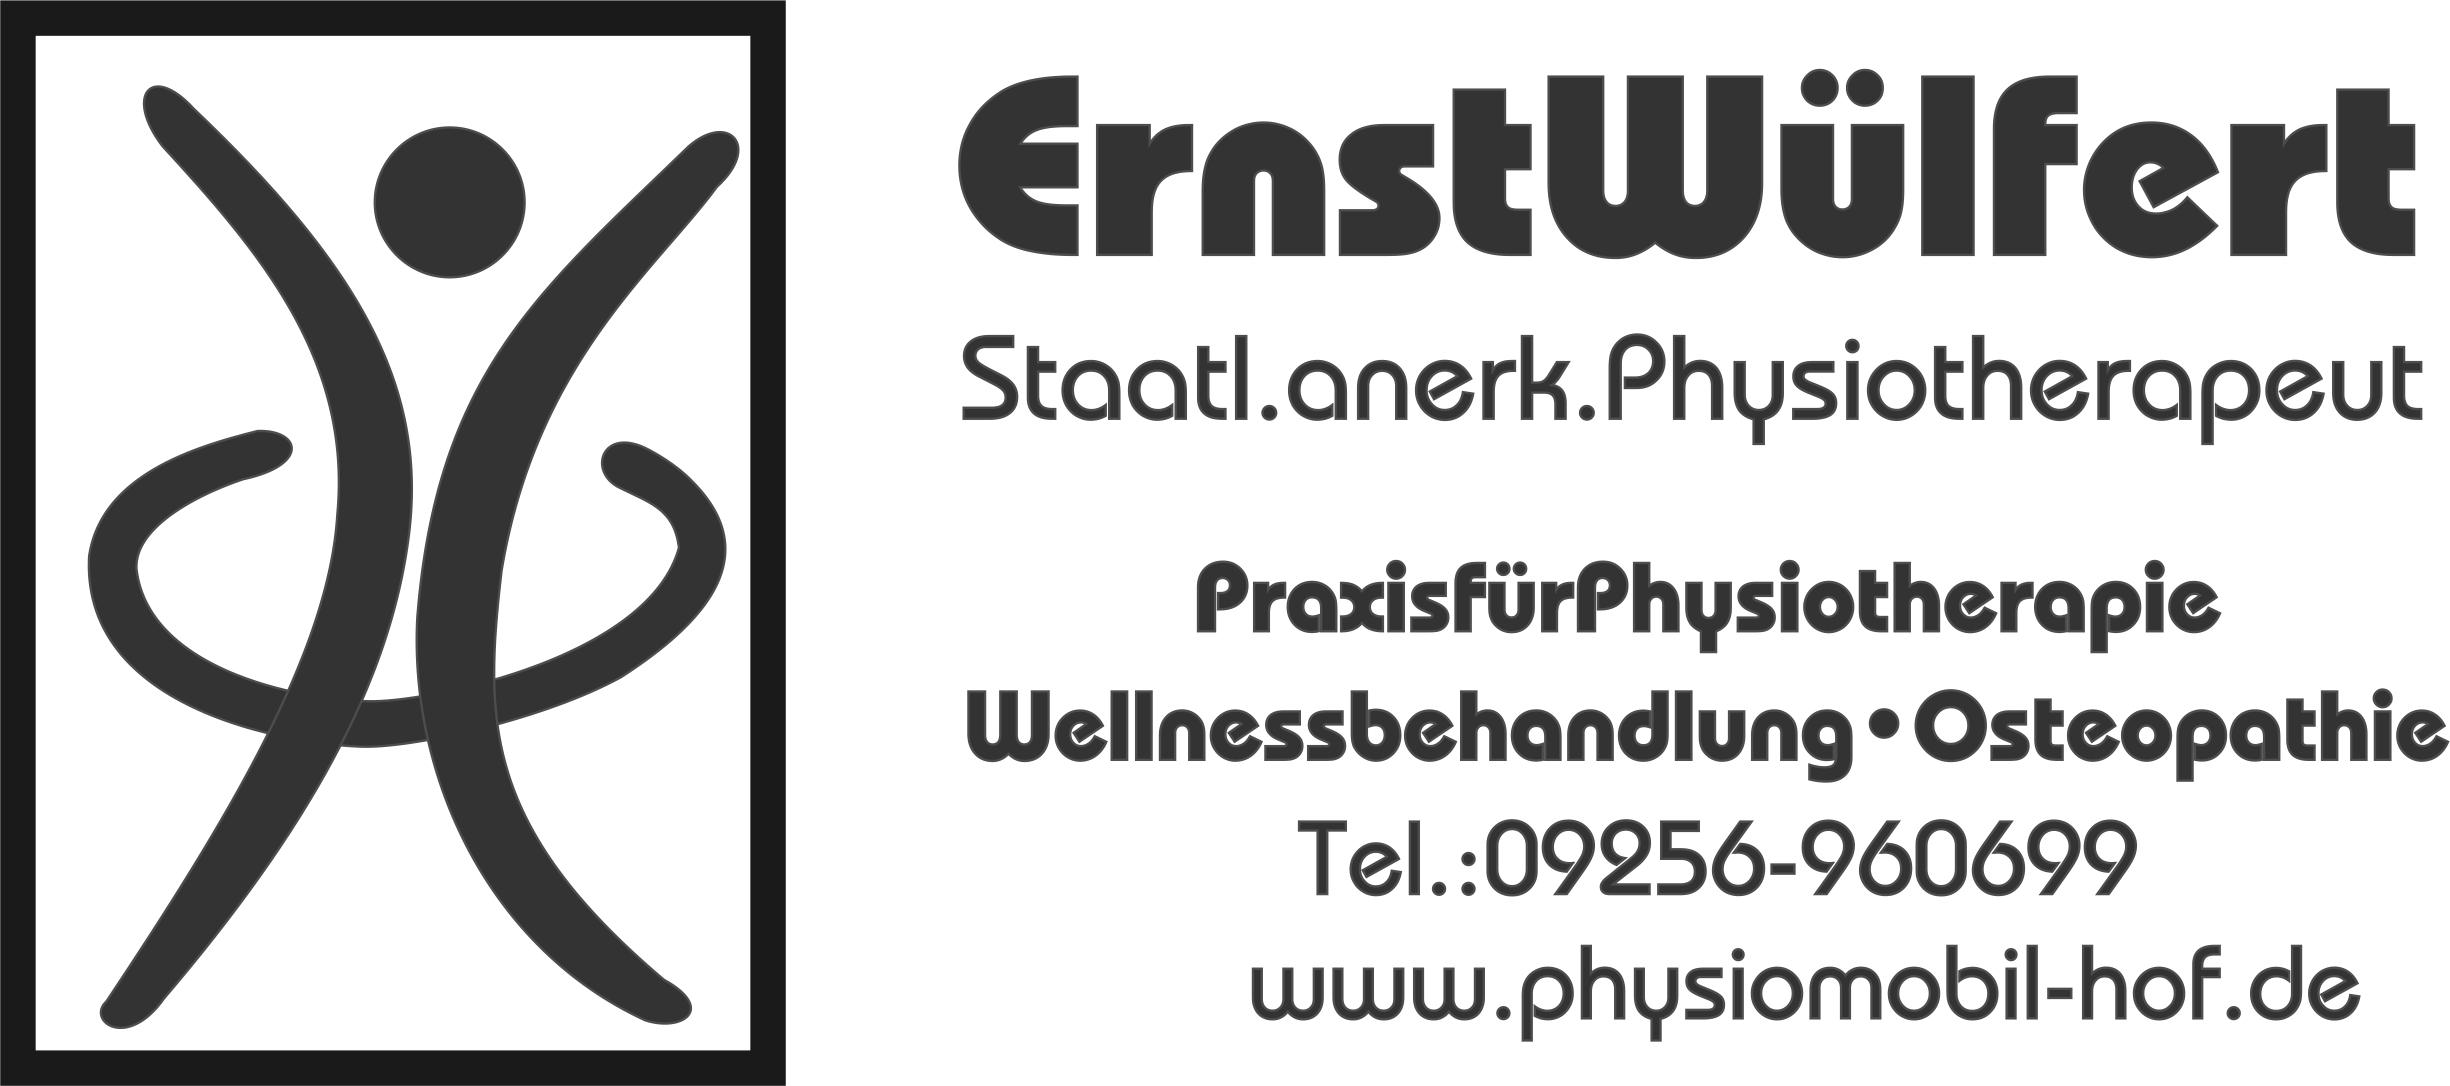 Physiotherapie Blechschmidt - Ernst Wülferth - Stammbach und Hof